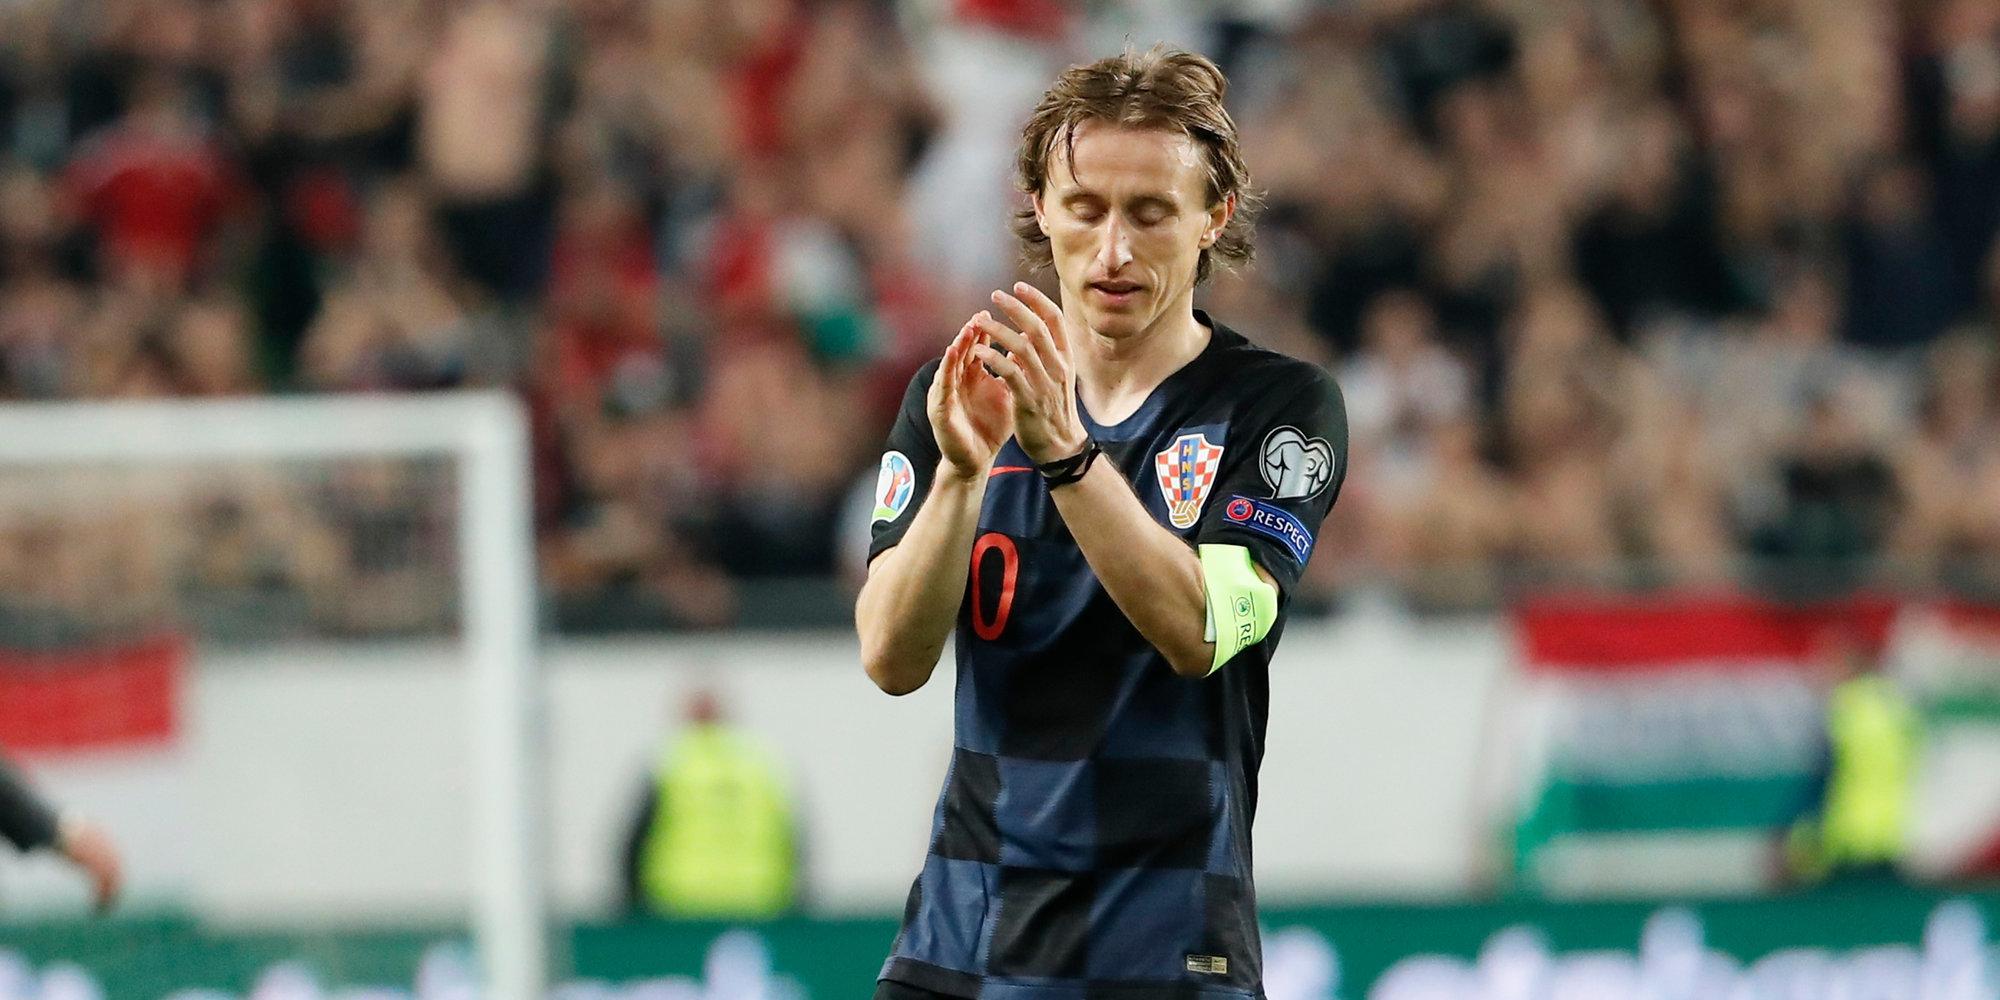 Модрич повторил рекорд Срны по количеству матчей за сборную Хорватии